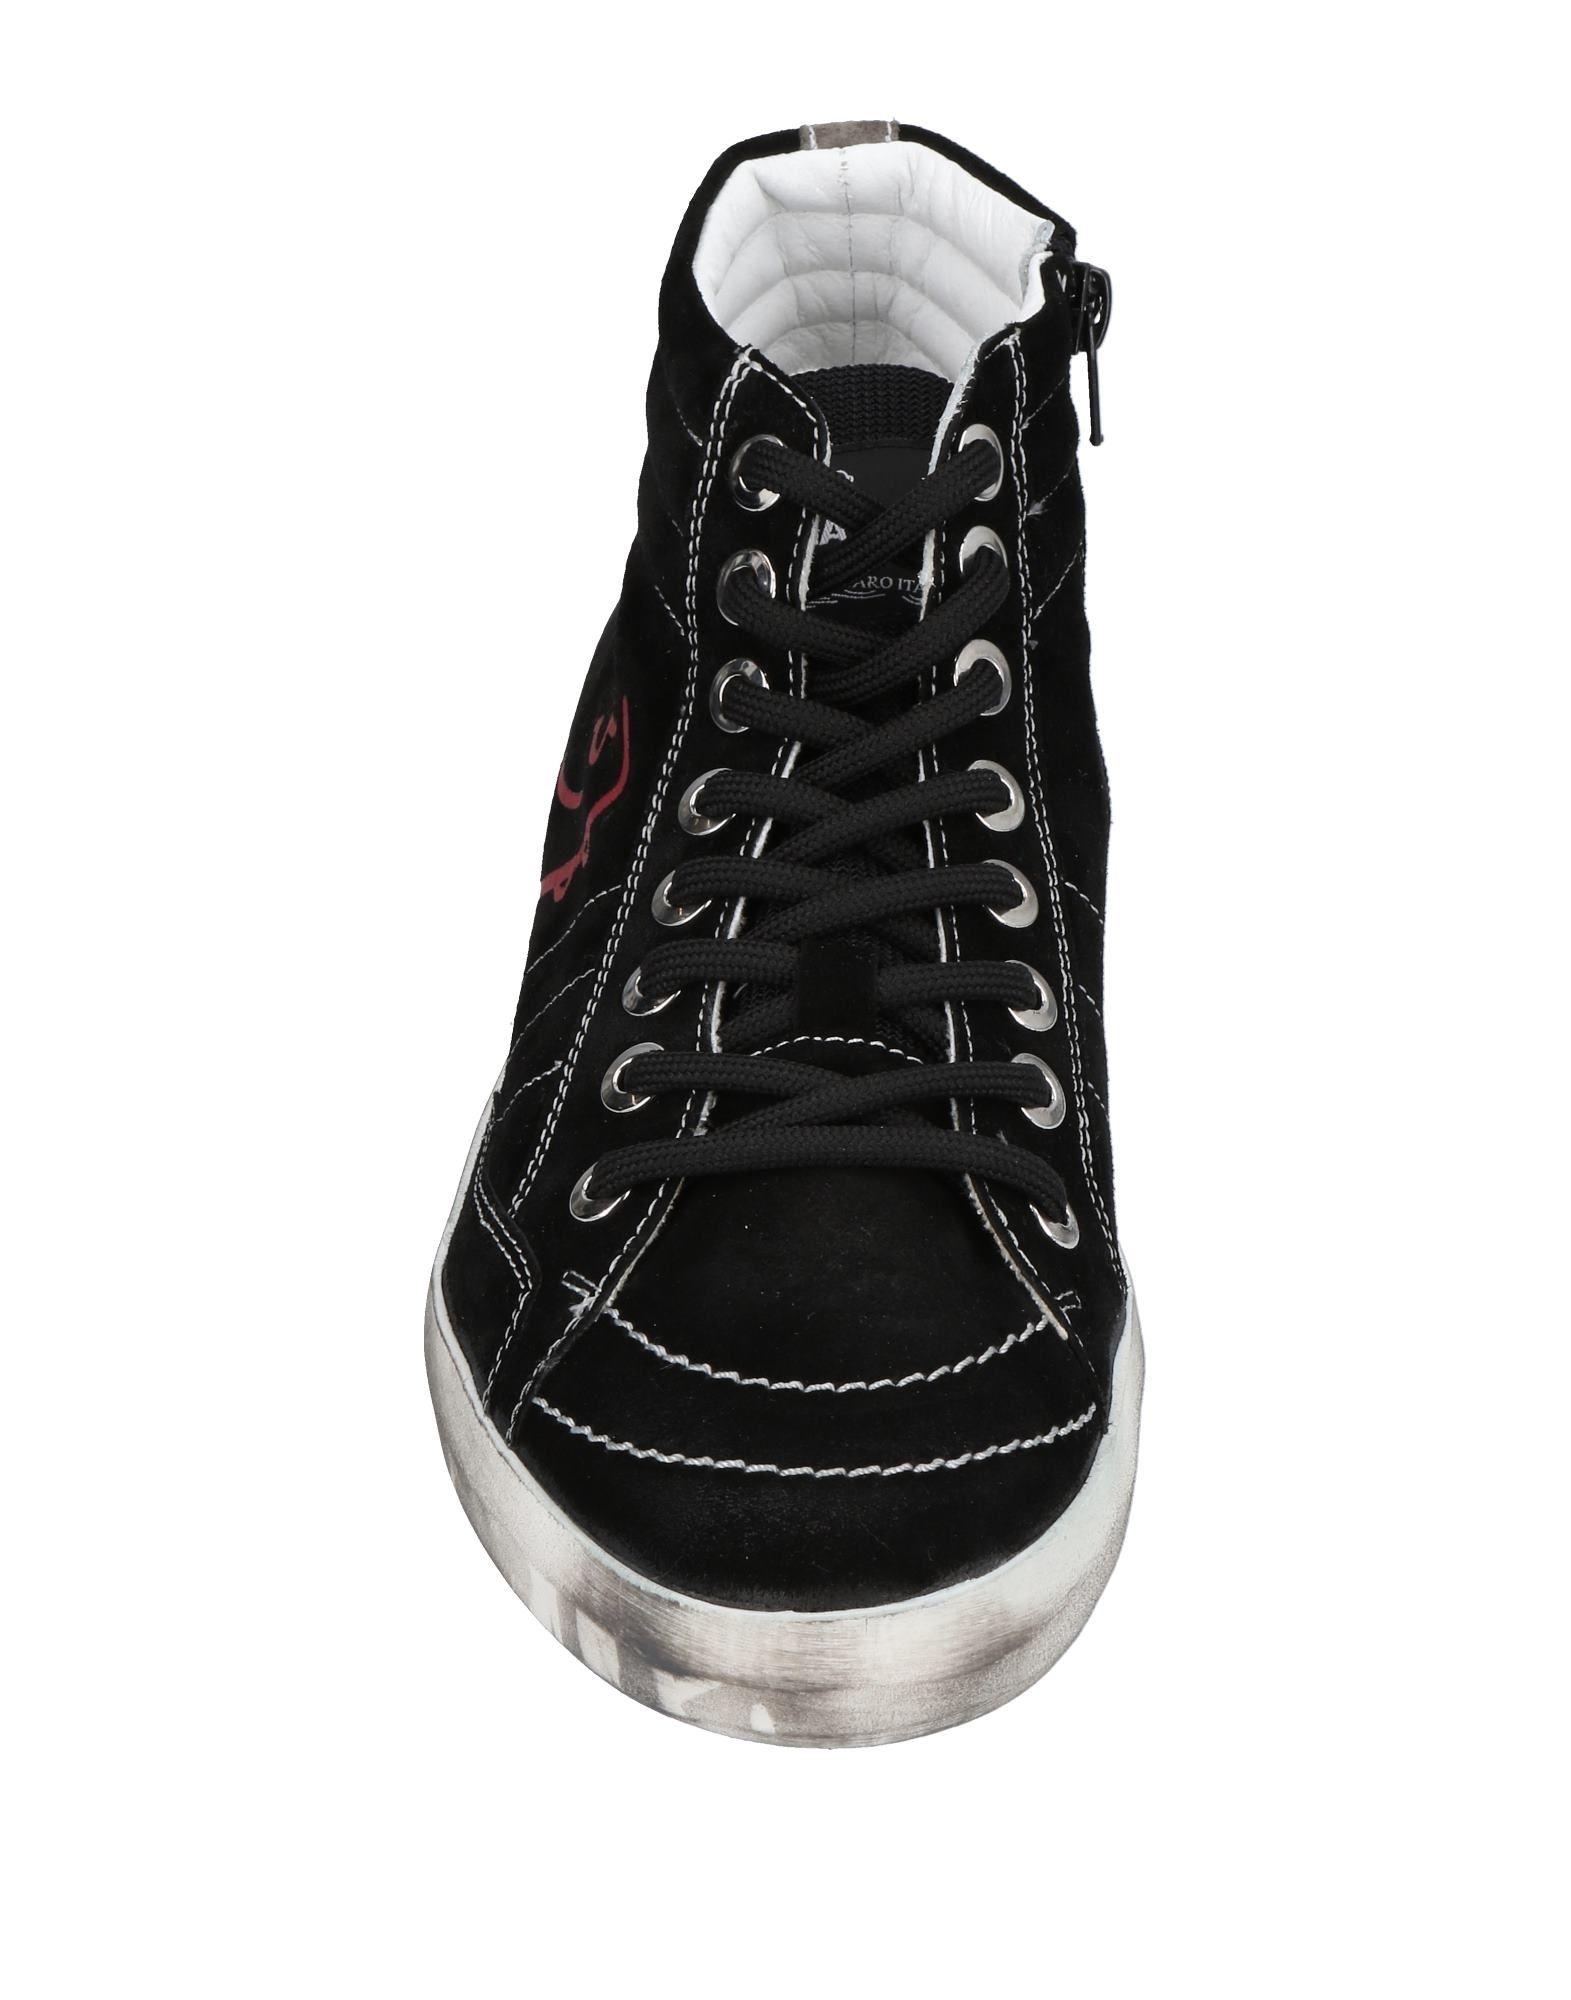 Primabase Sneakers Herren beliebte  11451954VU Gute Qualität beliebte Herren Schuhe 20e00f